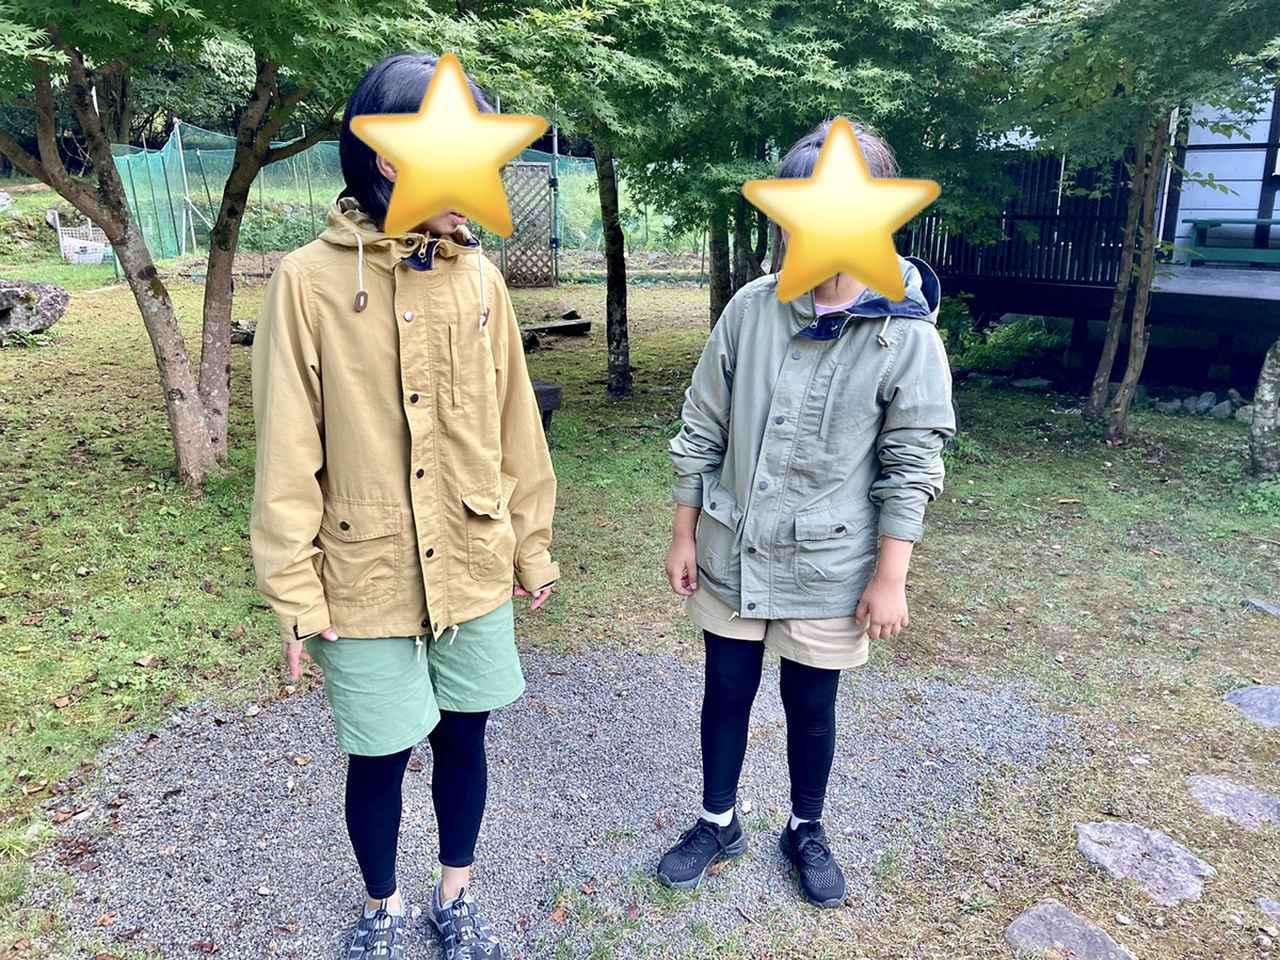 画像: 親子でリンクコーデ!【#ワークマン親子】でキャンプウェアをシェアしてみませんか? - ハピキャン(HAPPY CAMPER)